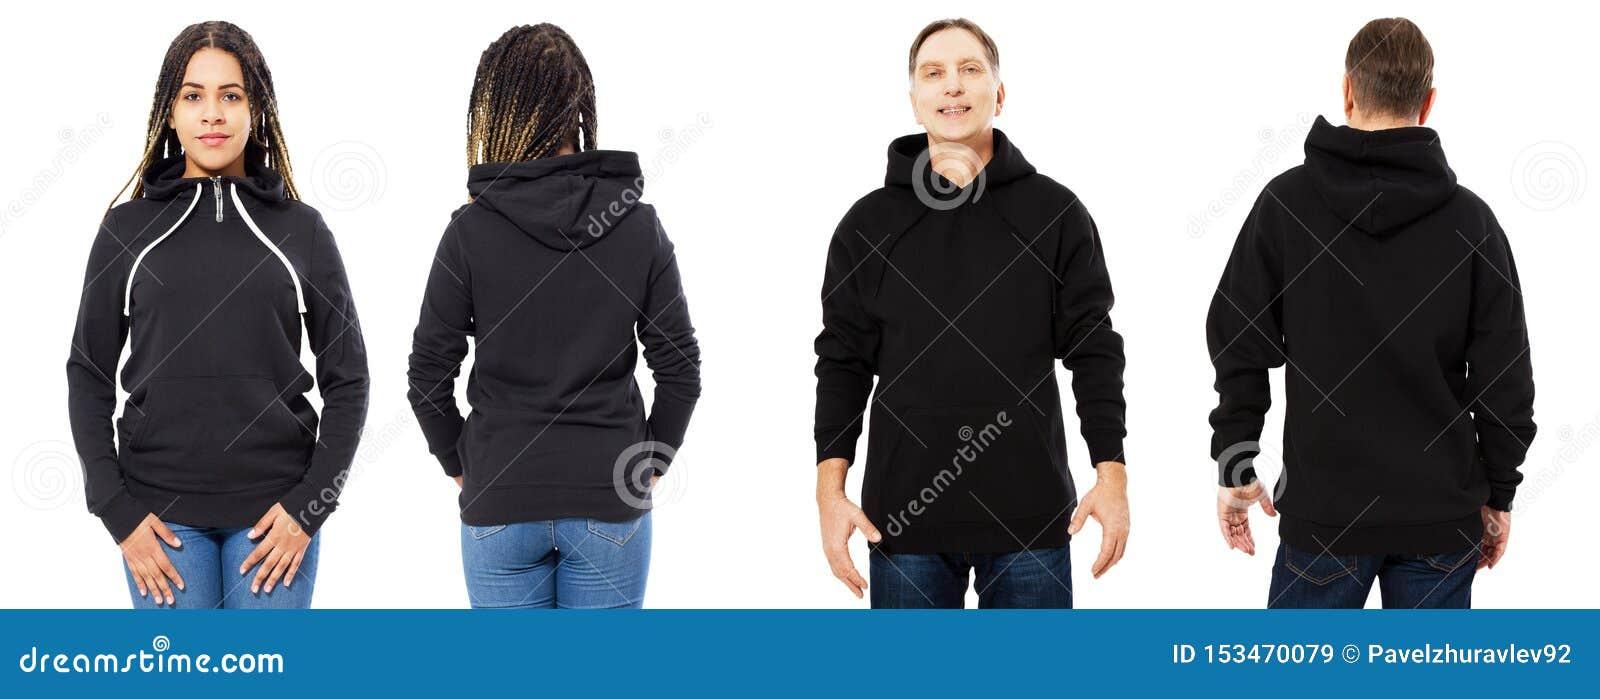 Afro- amerikansk flicka i den svarta hoodieframdelen och tillbaka sikten, man i svart tröjauppsättningcollage som isoleras på vit